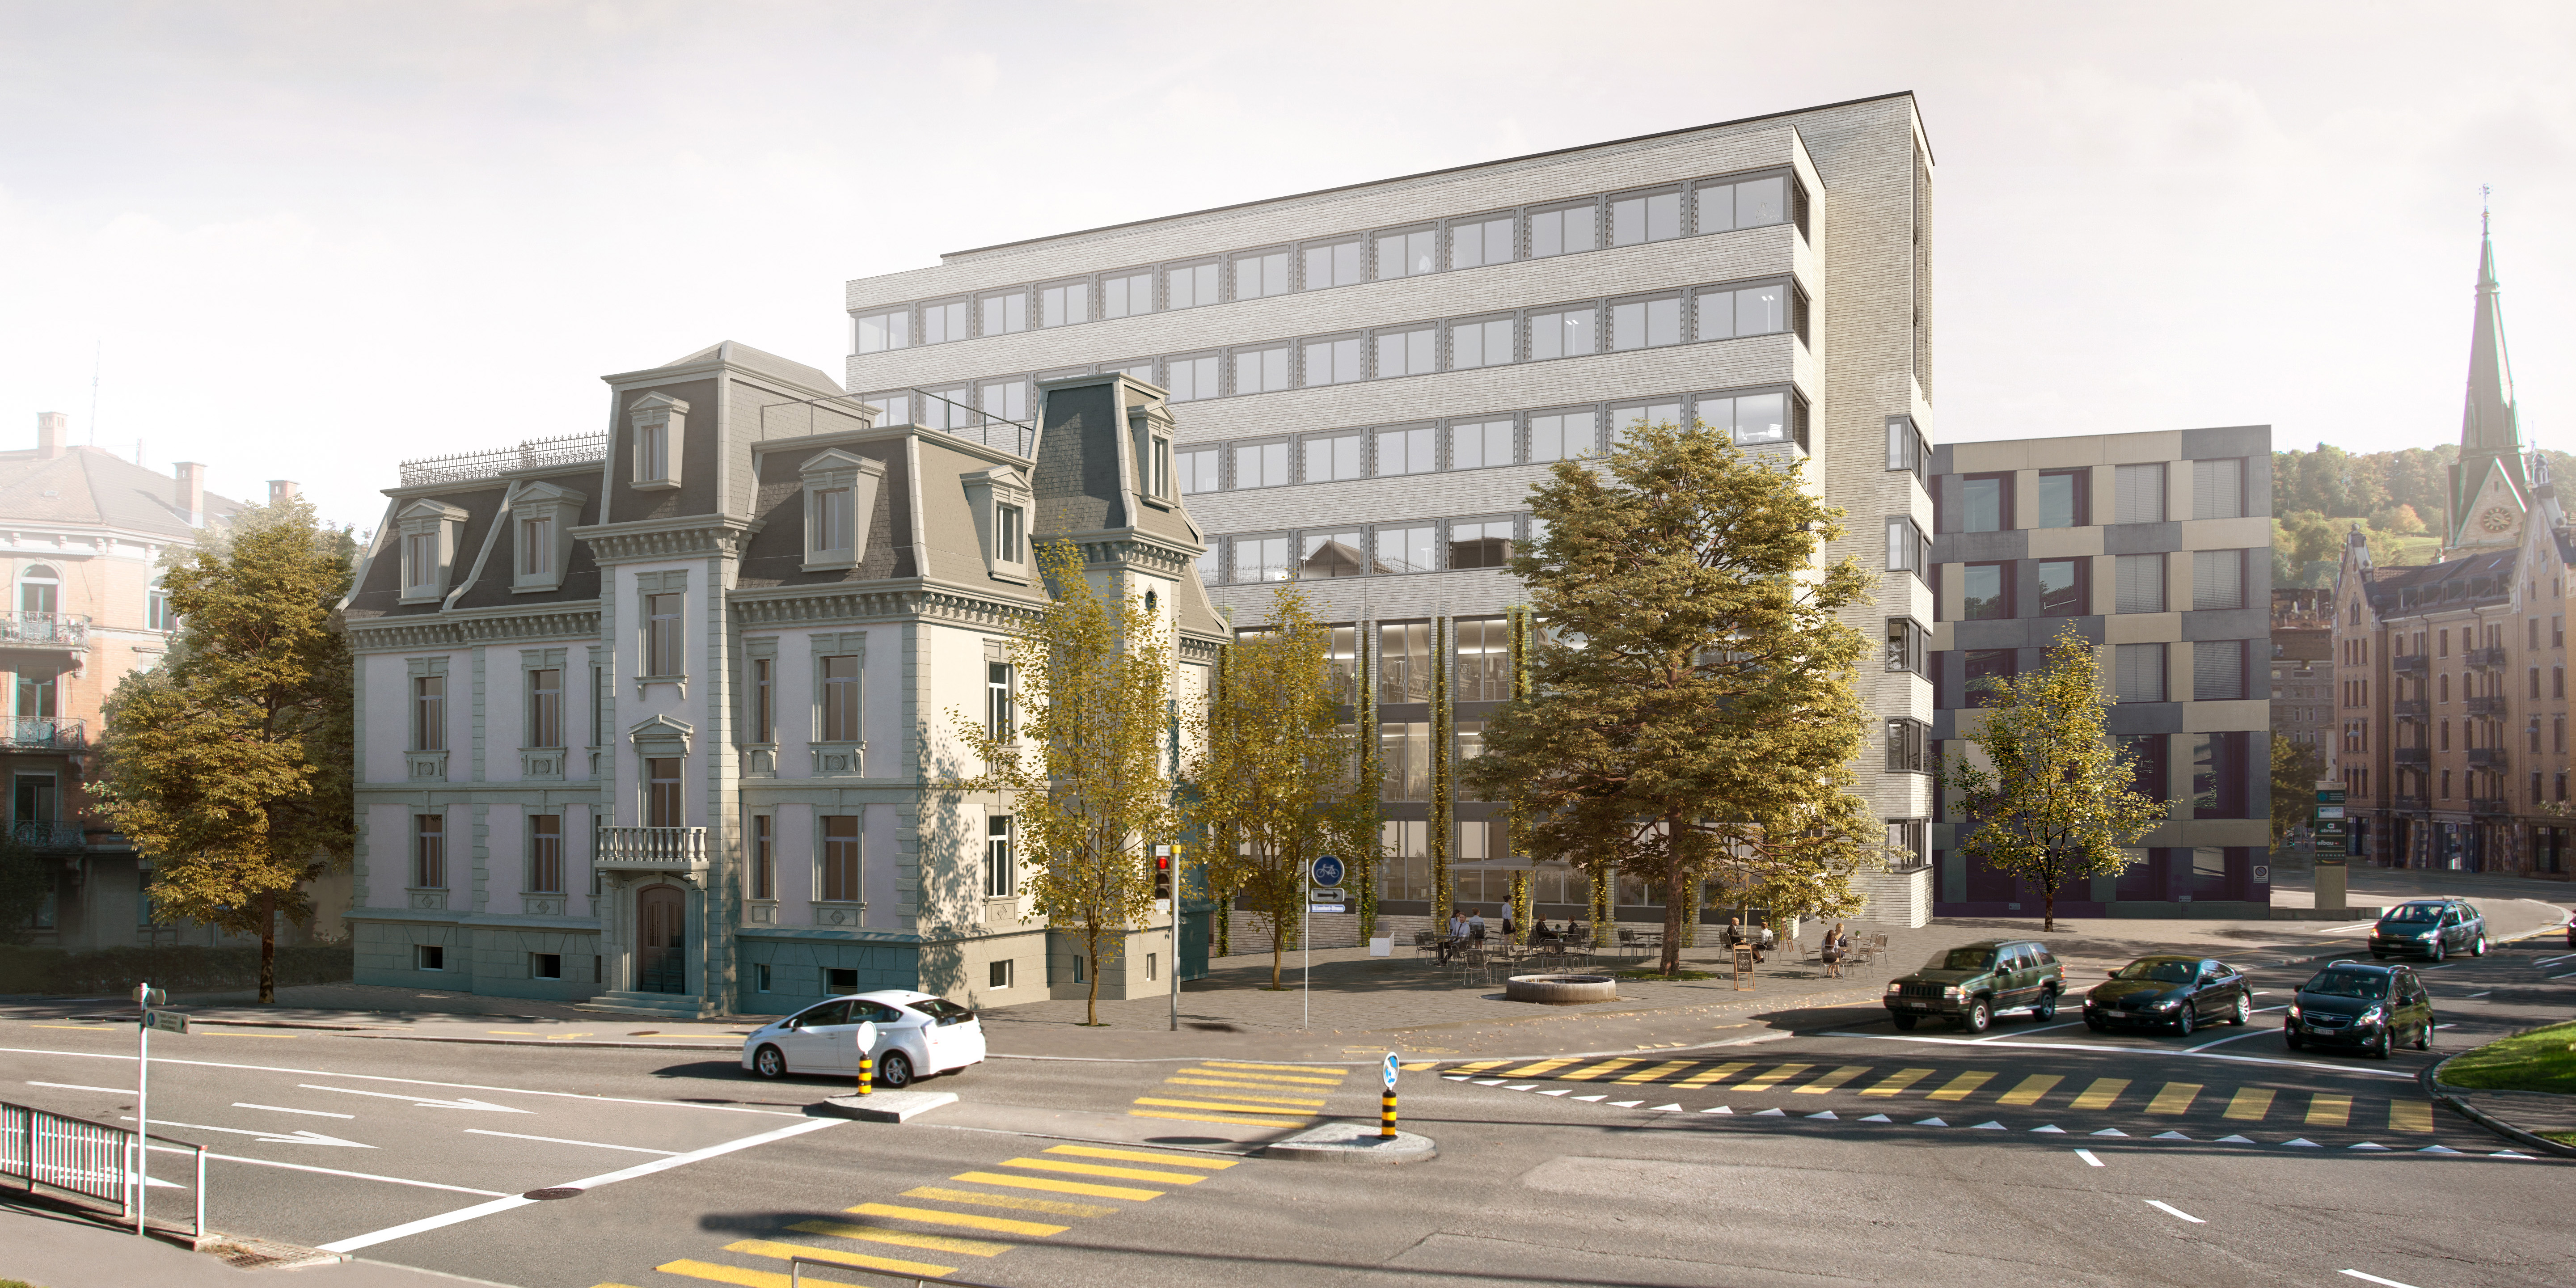 St. Gallen: Pensionskasse kauft Villa Wiesental und